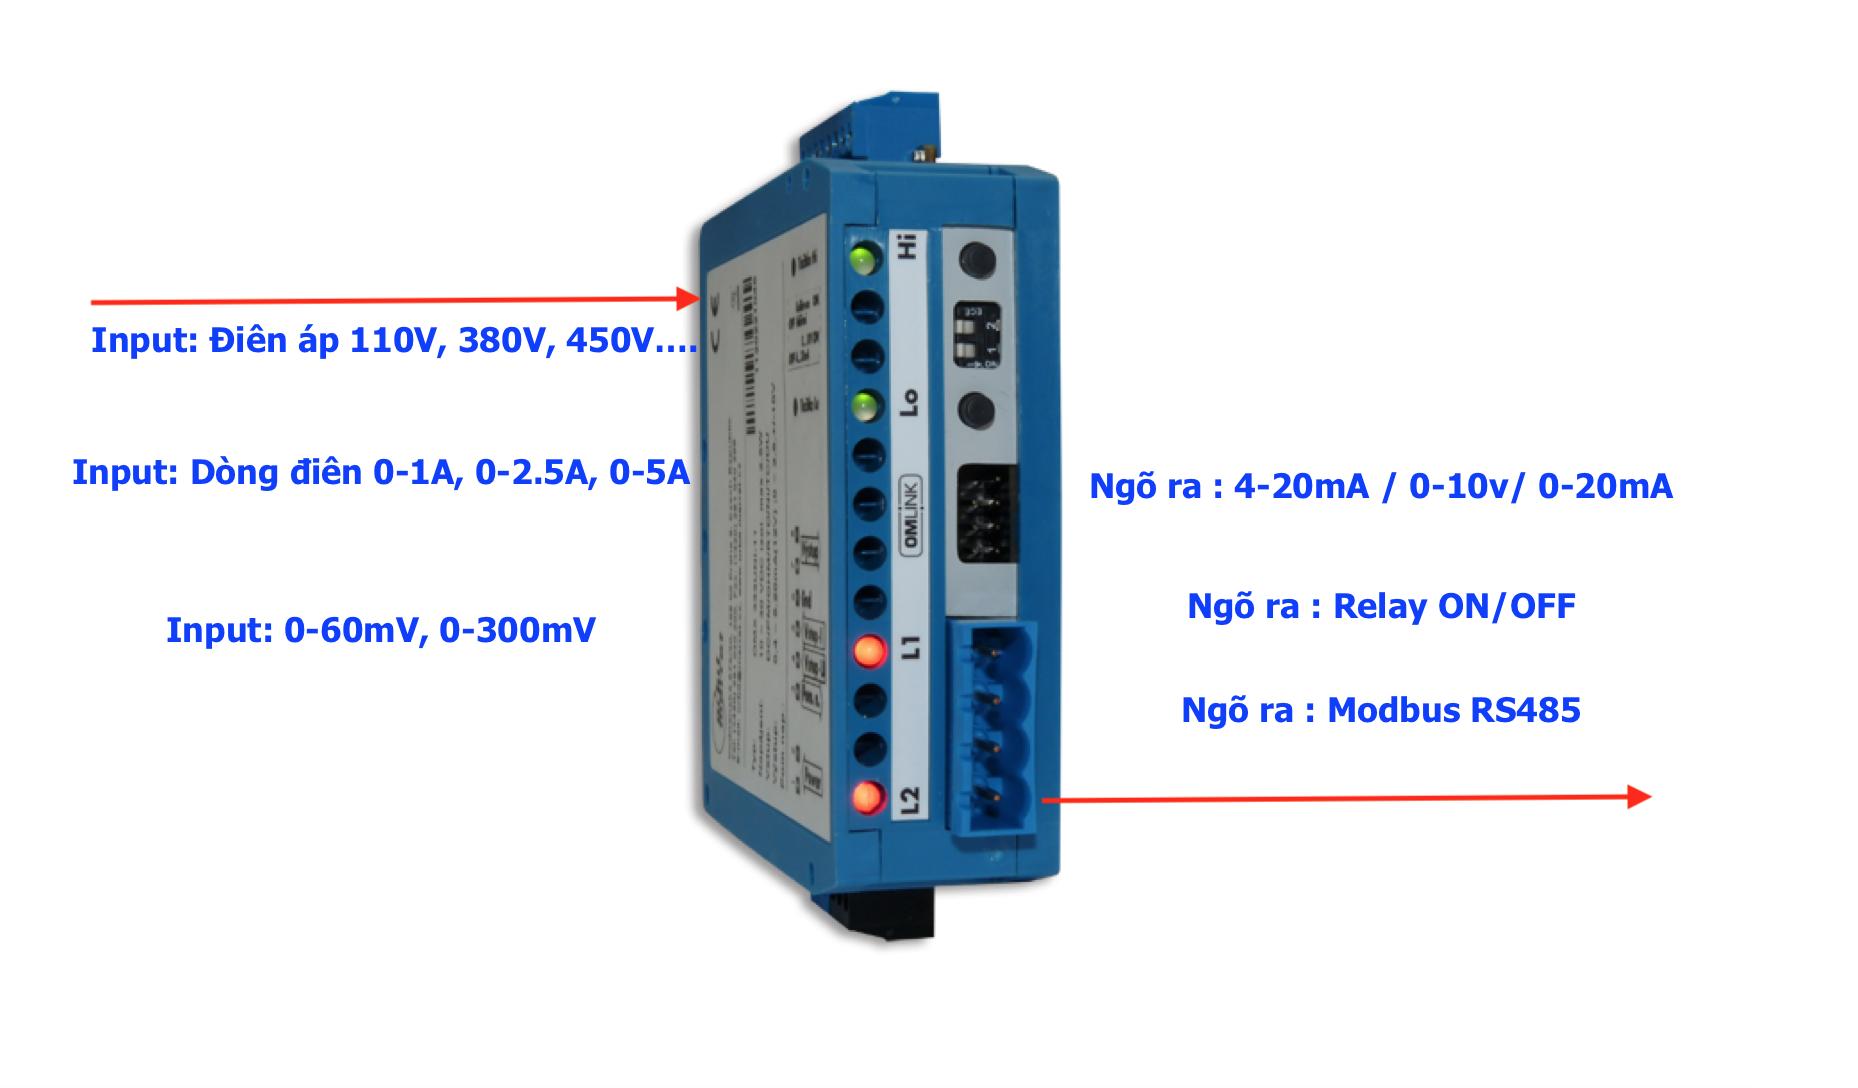 Bộ chuyển điện áp 110V - 230V - 380V sang 4-20mA